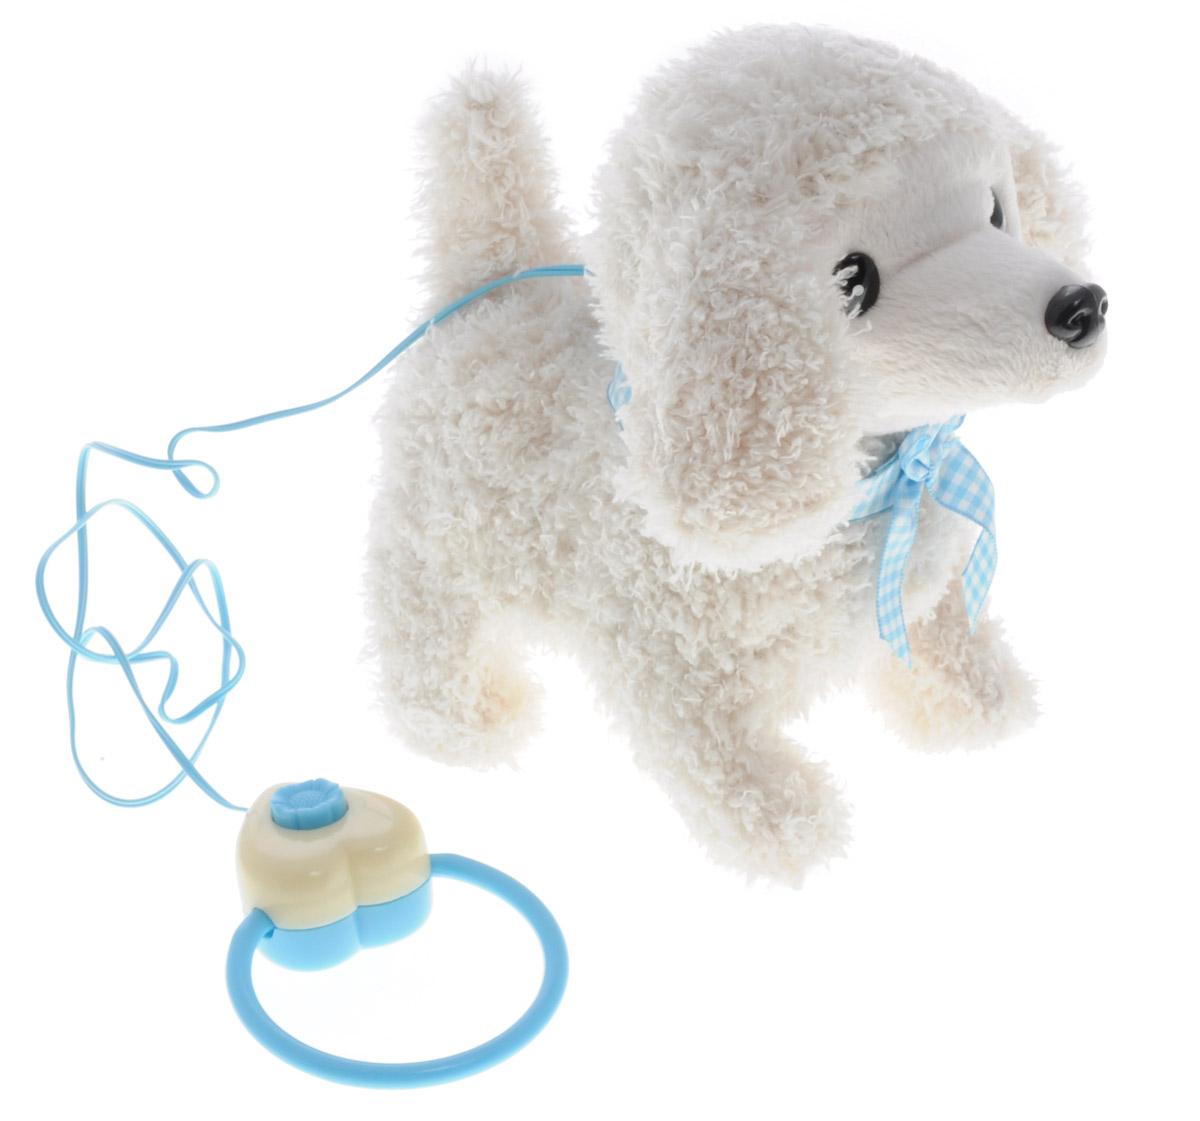 Sonata Style Мягкая озвученная игрушка Моя собачка на пульте управления цвет белый 15 смGT5931_белыйМягкая озвученная игрушка Sonata Style Моя собачка развлечет вашего ребенка и станет для него любимой игрушкой. Игрушка выполнена в виде симпатичного щенка белого цвета. Забавный щенок выглядит совсем как настоящий. На шее у него повязан клетчатый бантик. В комплект с игрушкой входит пульт управления, выполненный в виде поводка. Собачка ходит вперед, останавливается, лает и шевелит хвостиком. Щенок поднимет настроение вашему малышу и подарит массу положительных эмоций. Рекомендуется докупить 2 батарейки напряжением 1,5V типа АA (товар комплектуется демонстрационными).